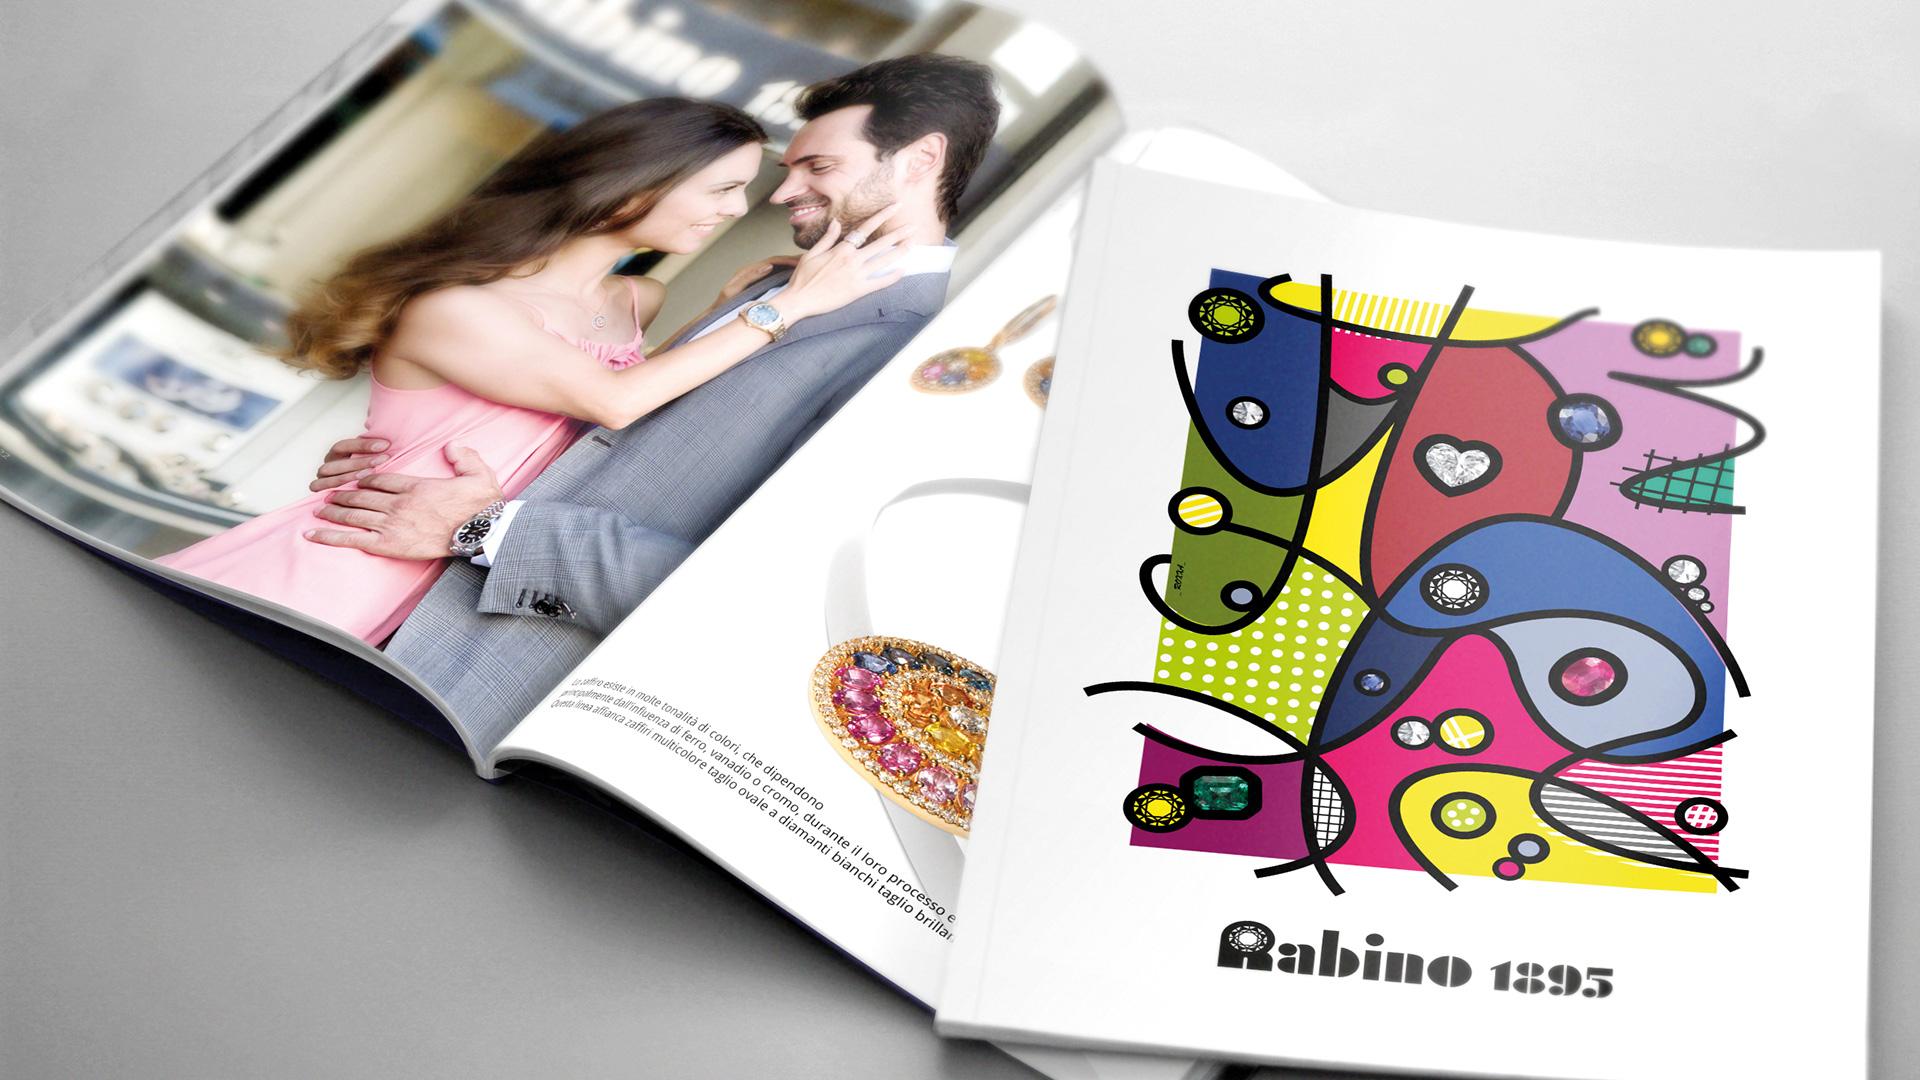 Catalogo Rabino_Regroup.agency